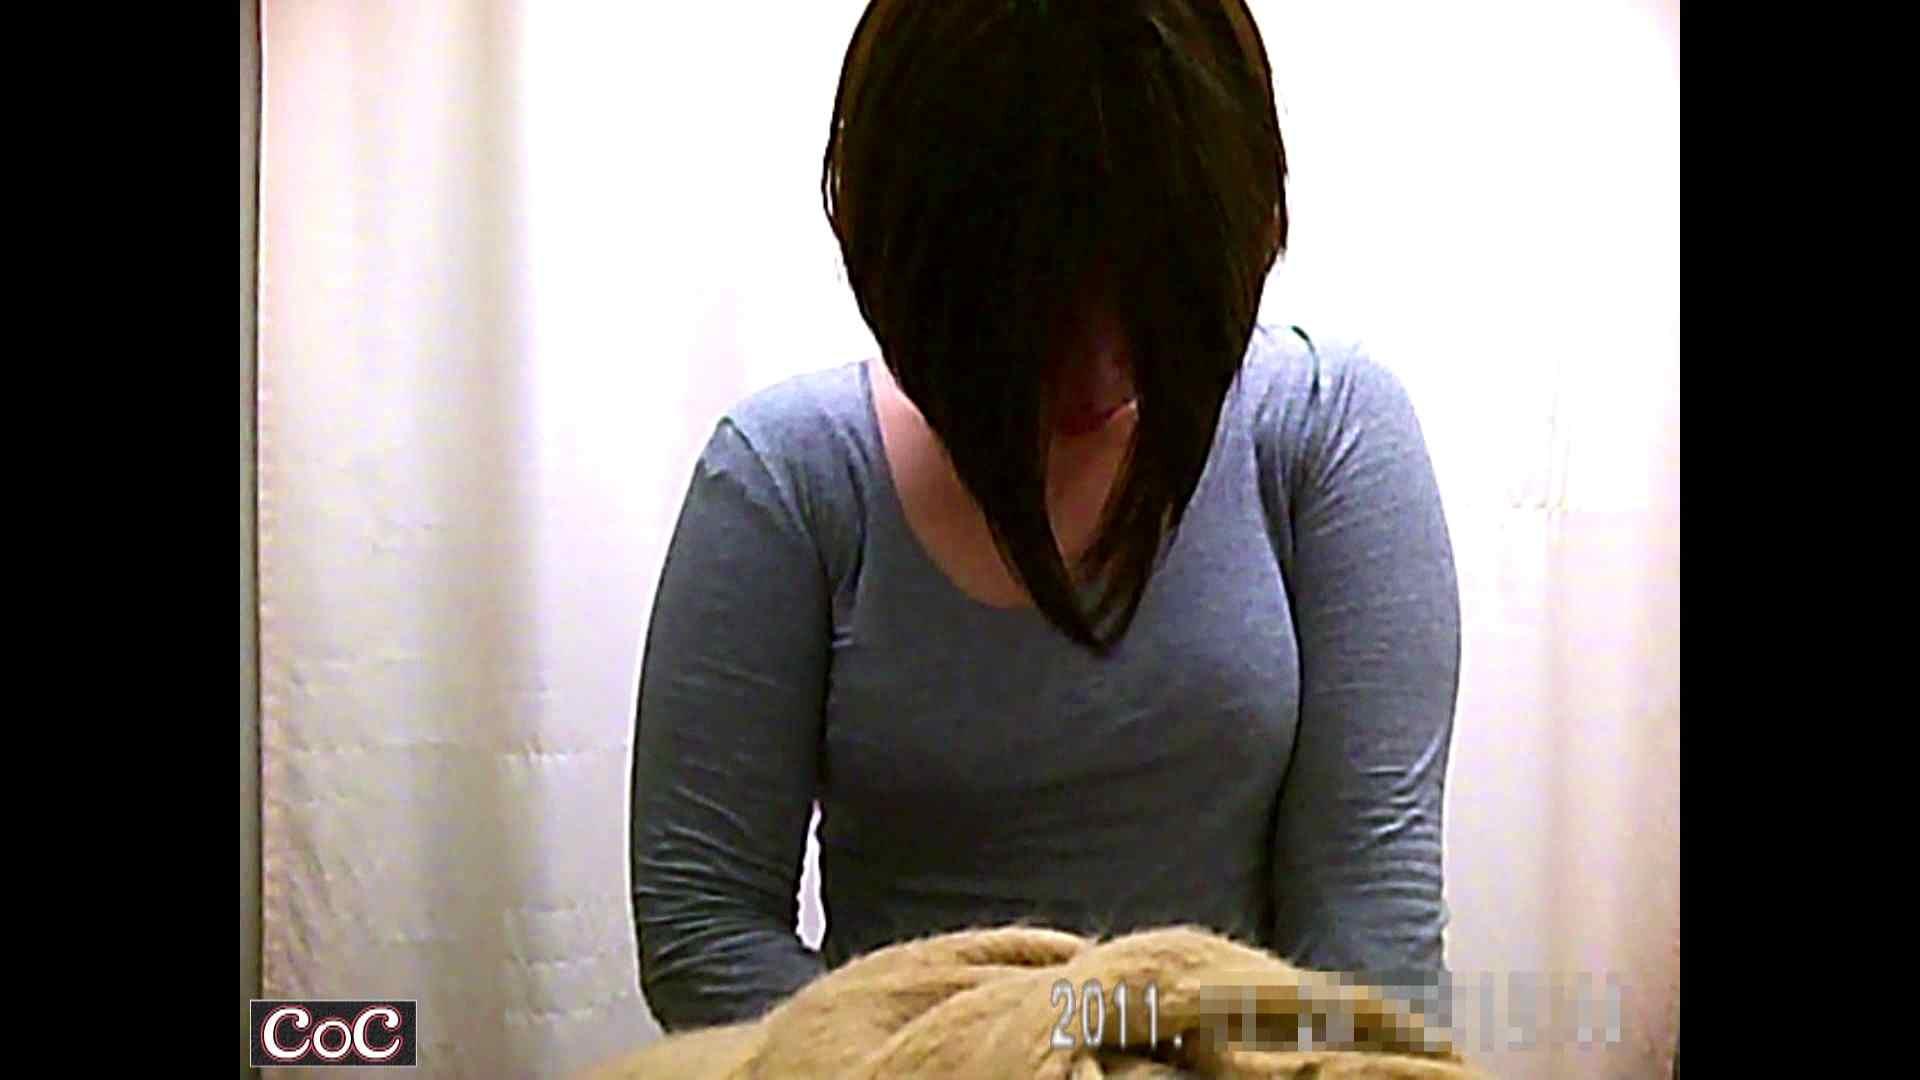 病院おもいっきり着替え! vol.103 貧乳編 オメコ無修正動画無料 79画像 15